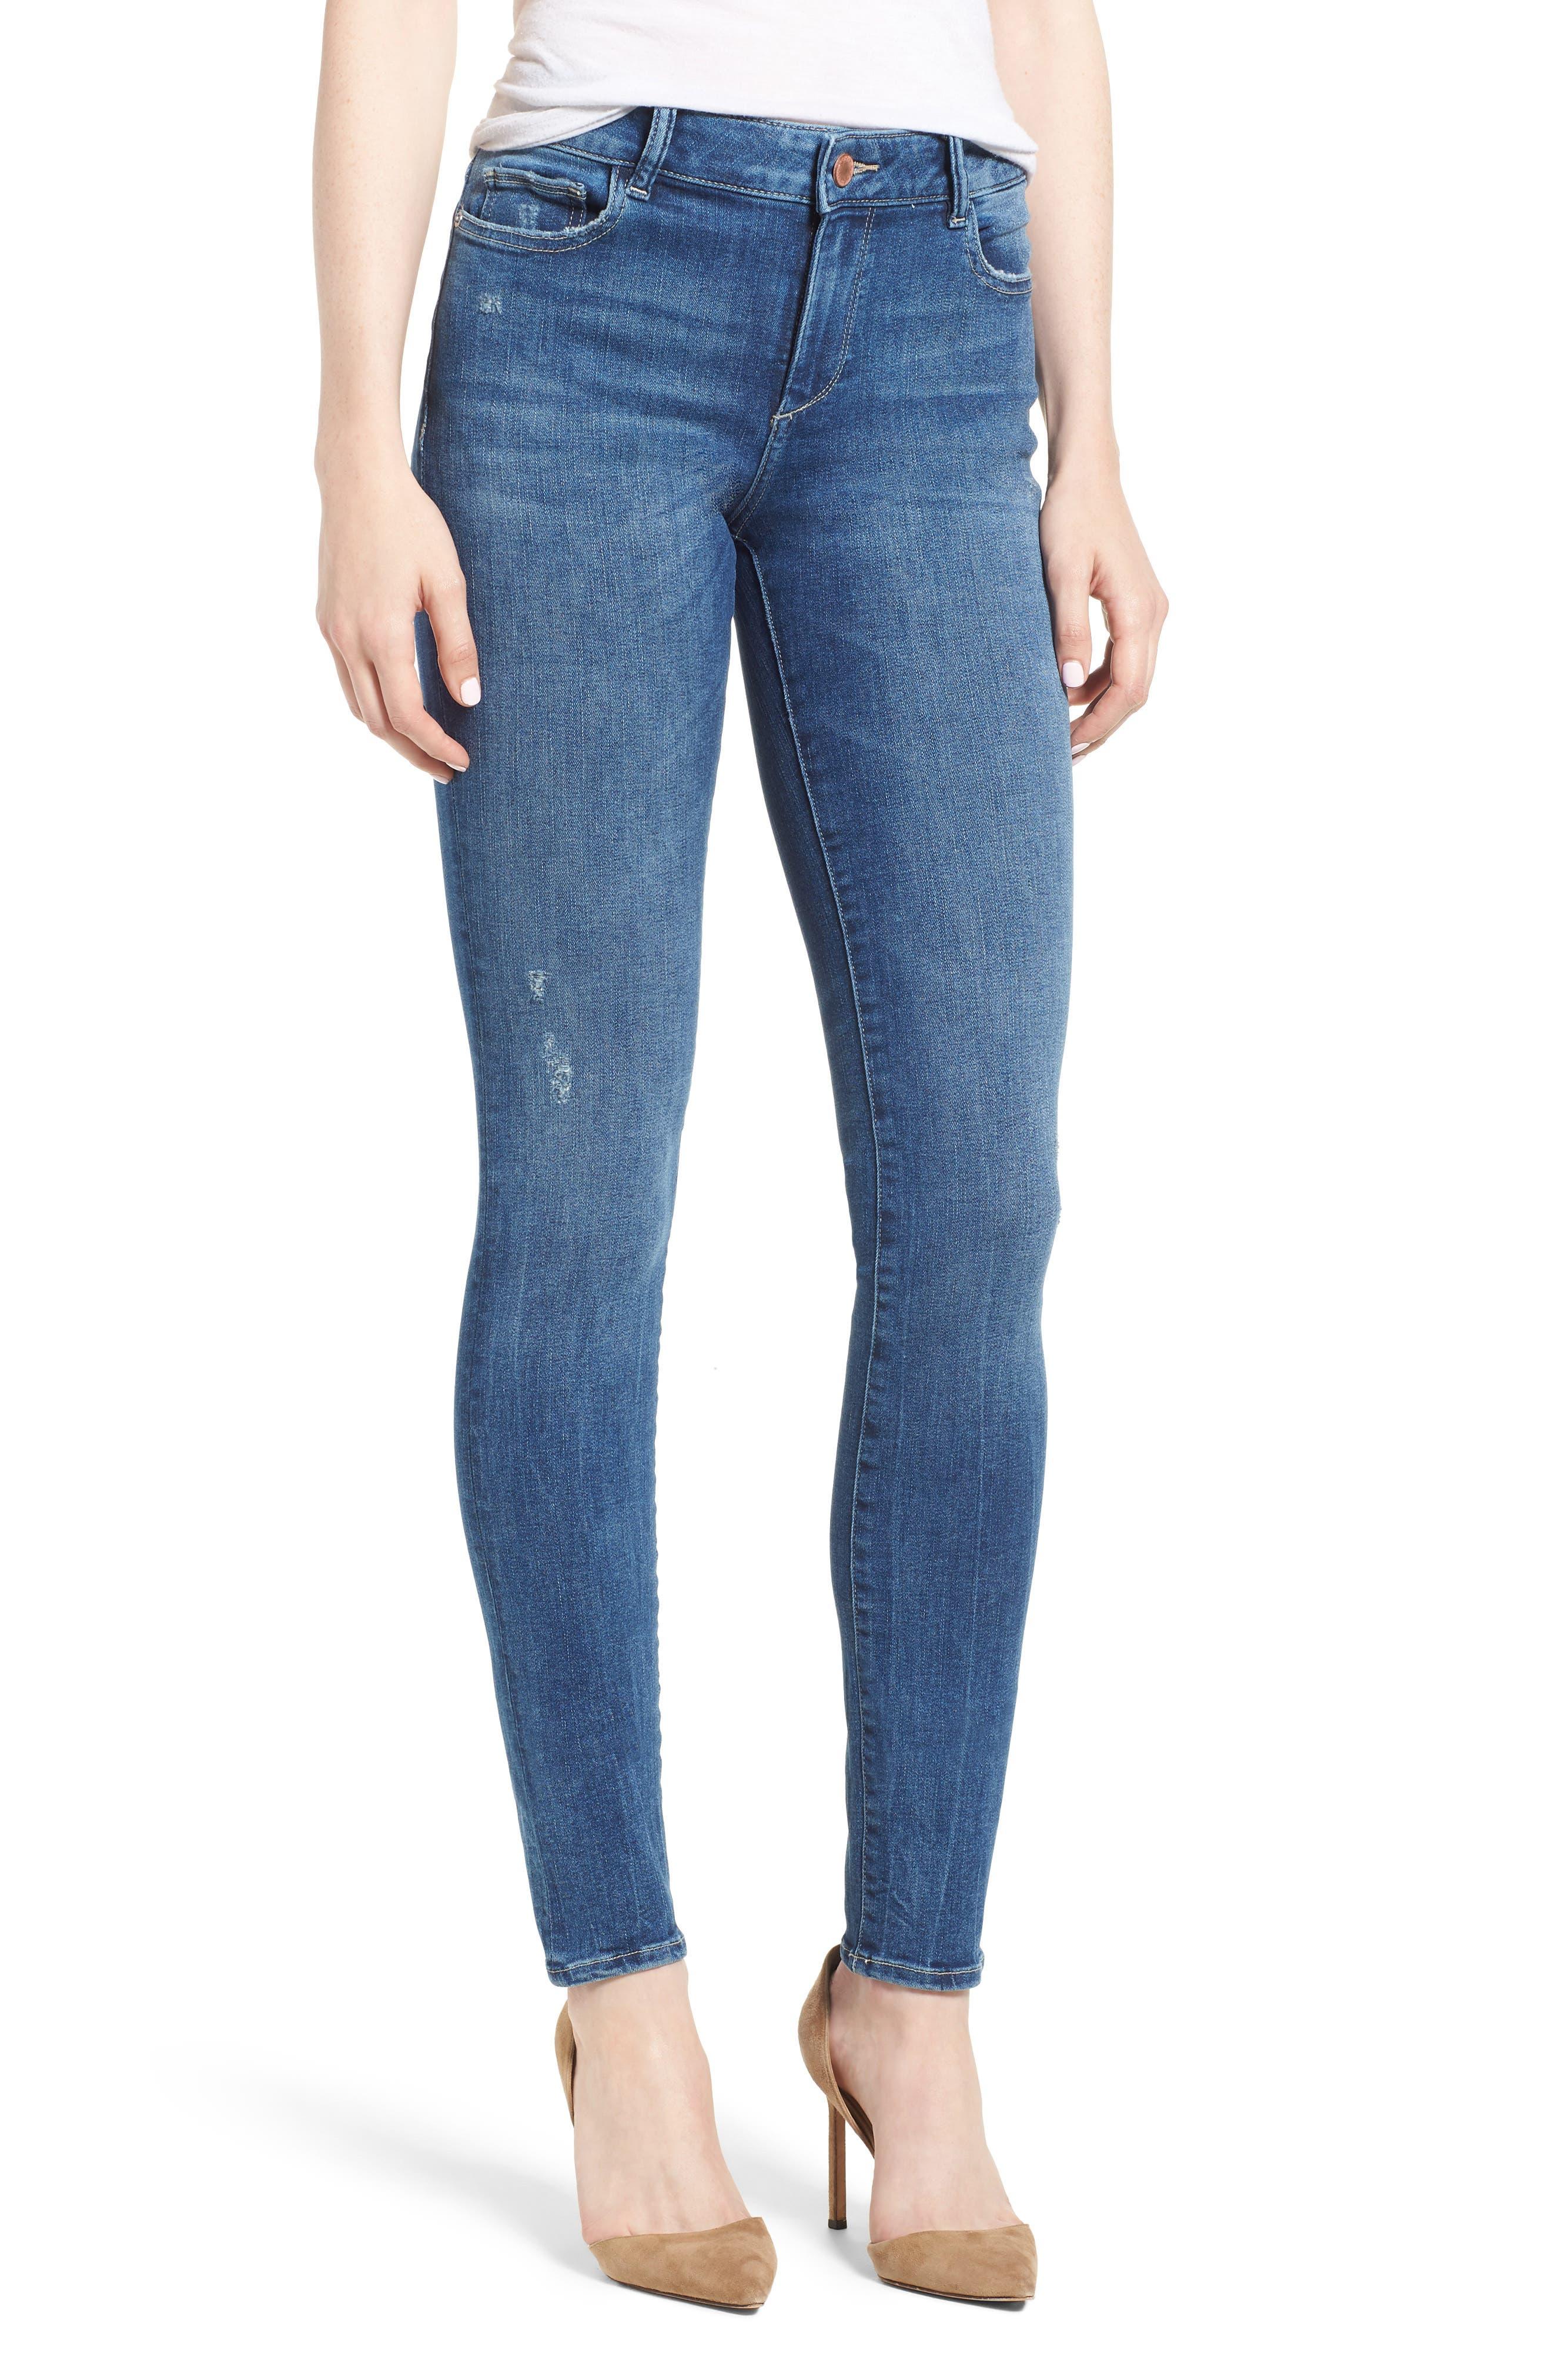 DL1961 Womens Danny Mid Rise Full Length Skinny Jeans